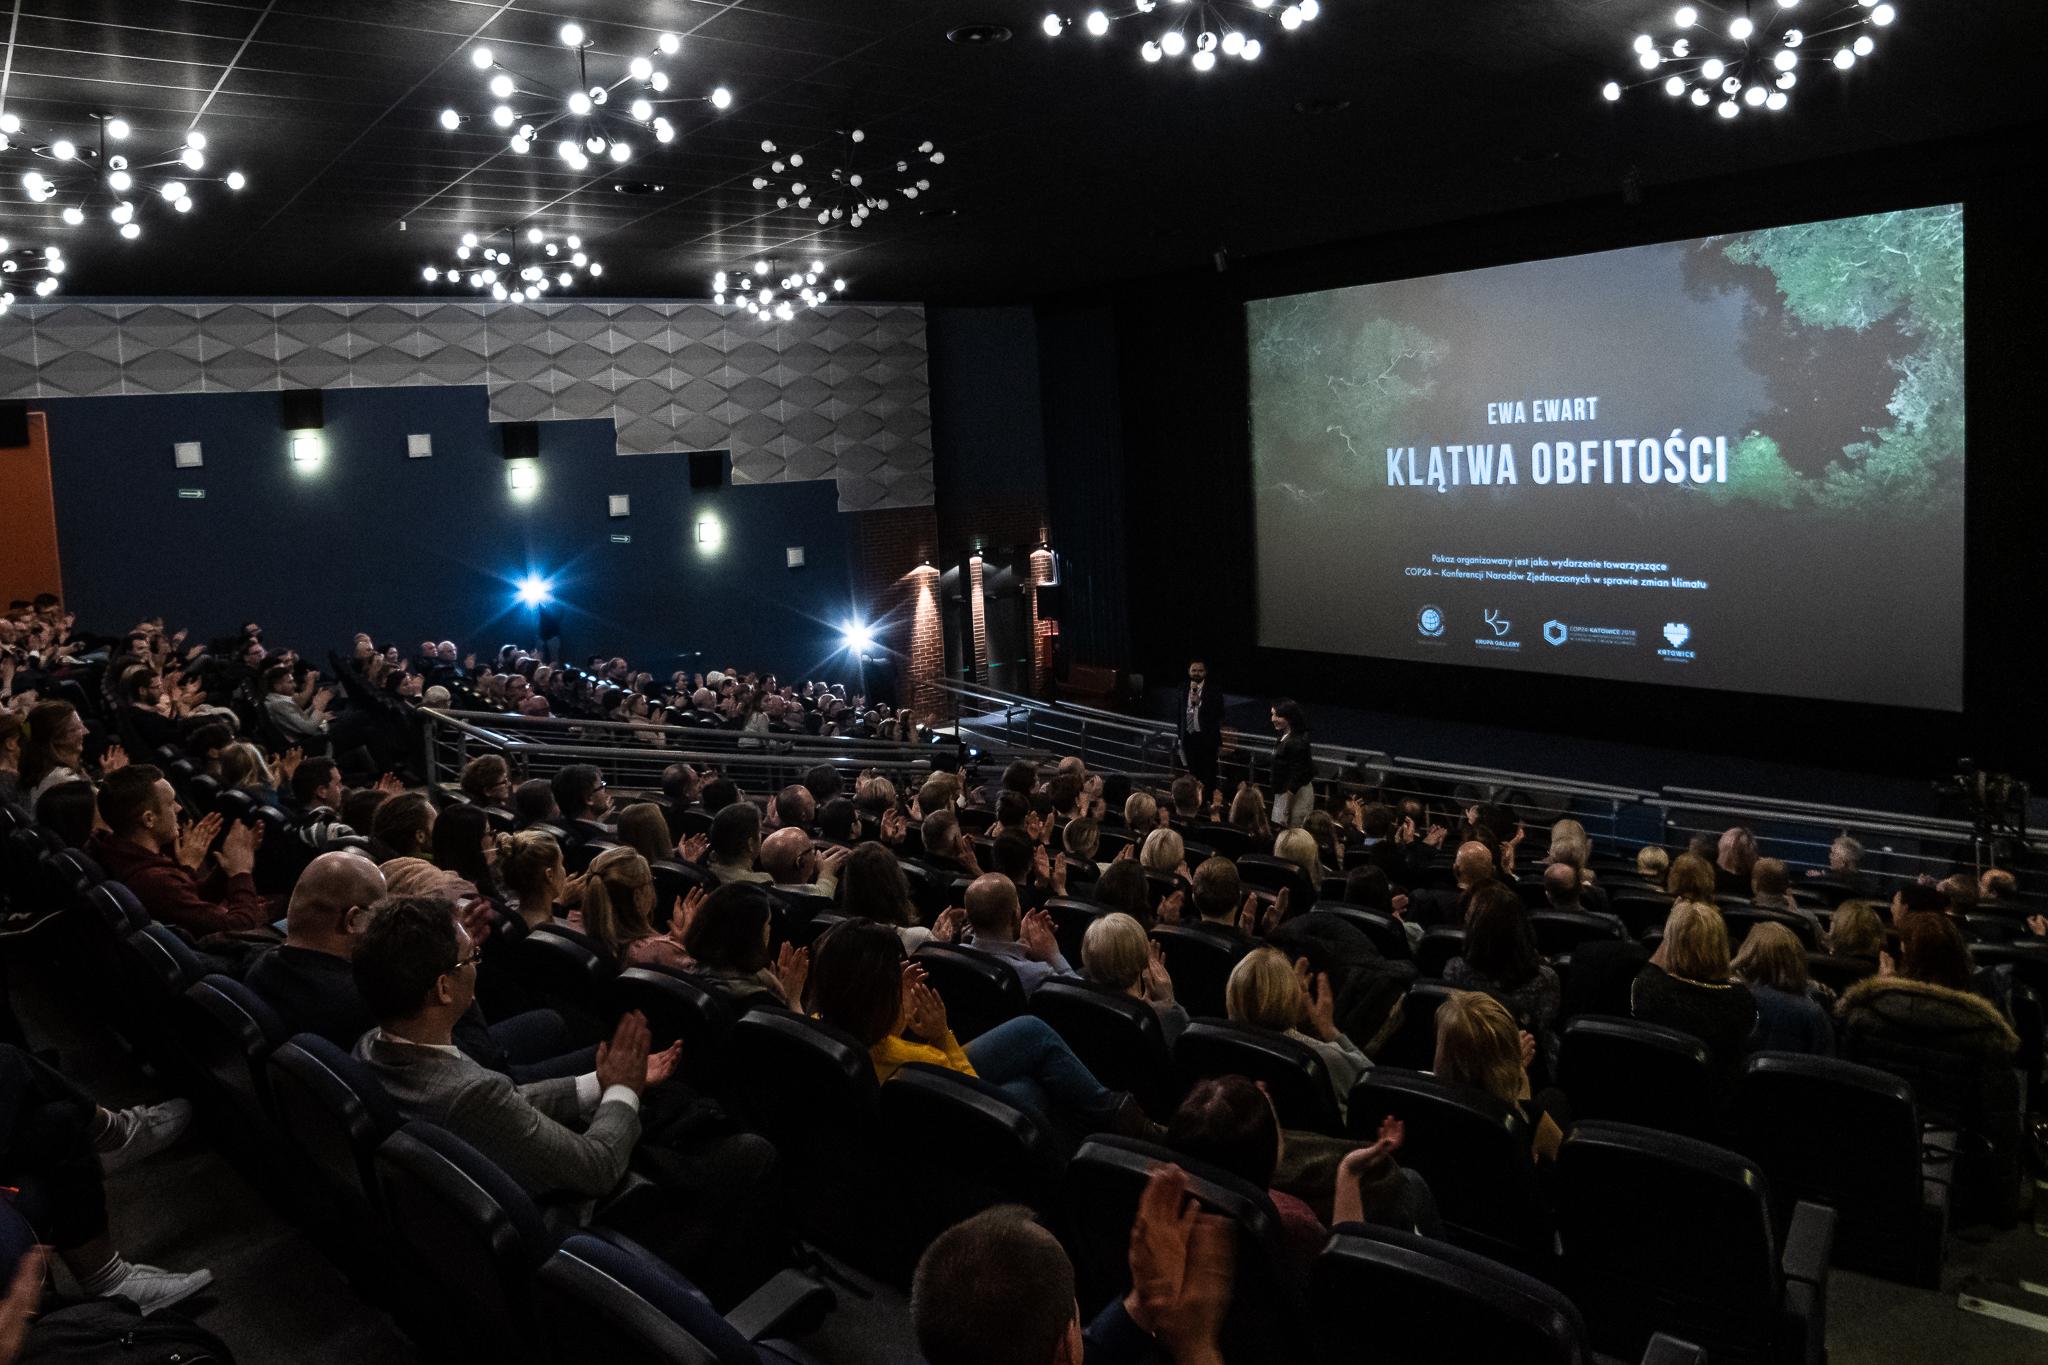 """Premiera filmu """"Klątwa obfitości"""" w katowickim Kinie Kosmos 10.12.2018 podczas COP 24"""